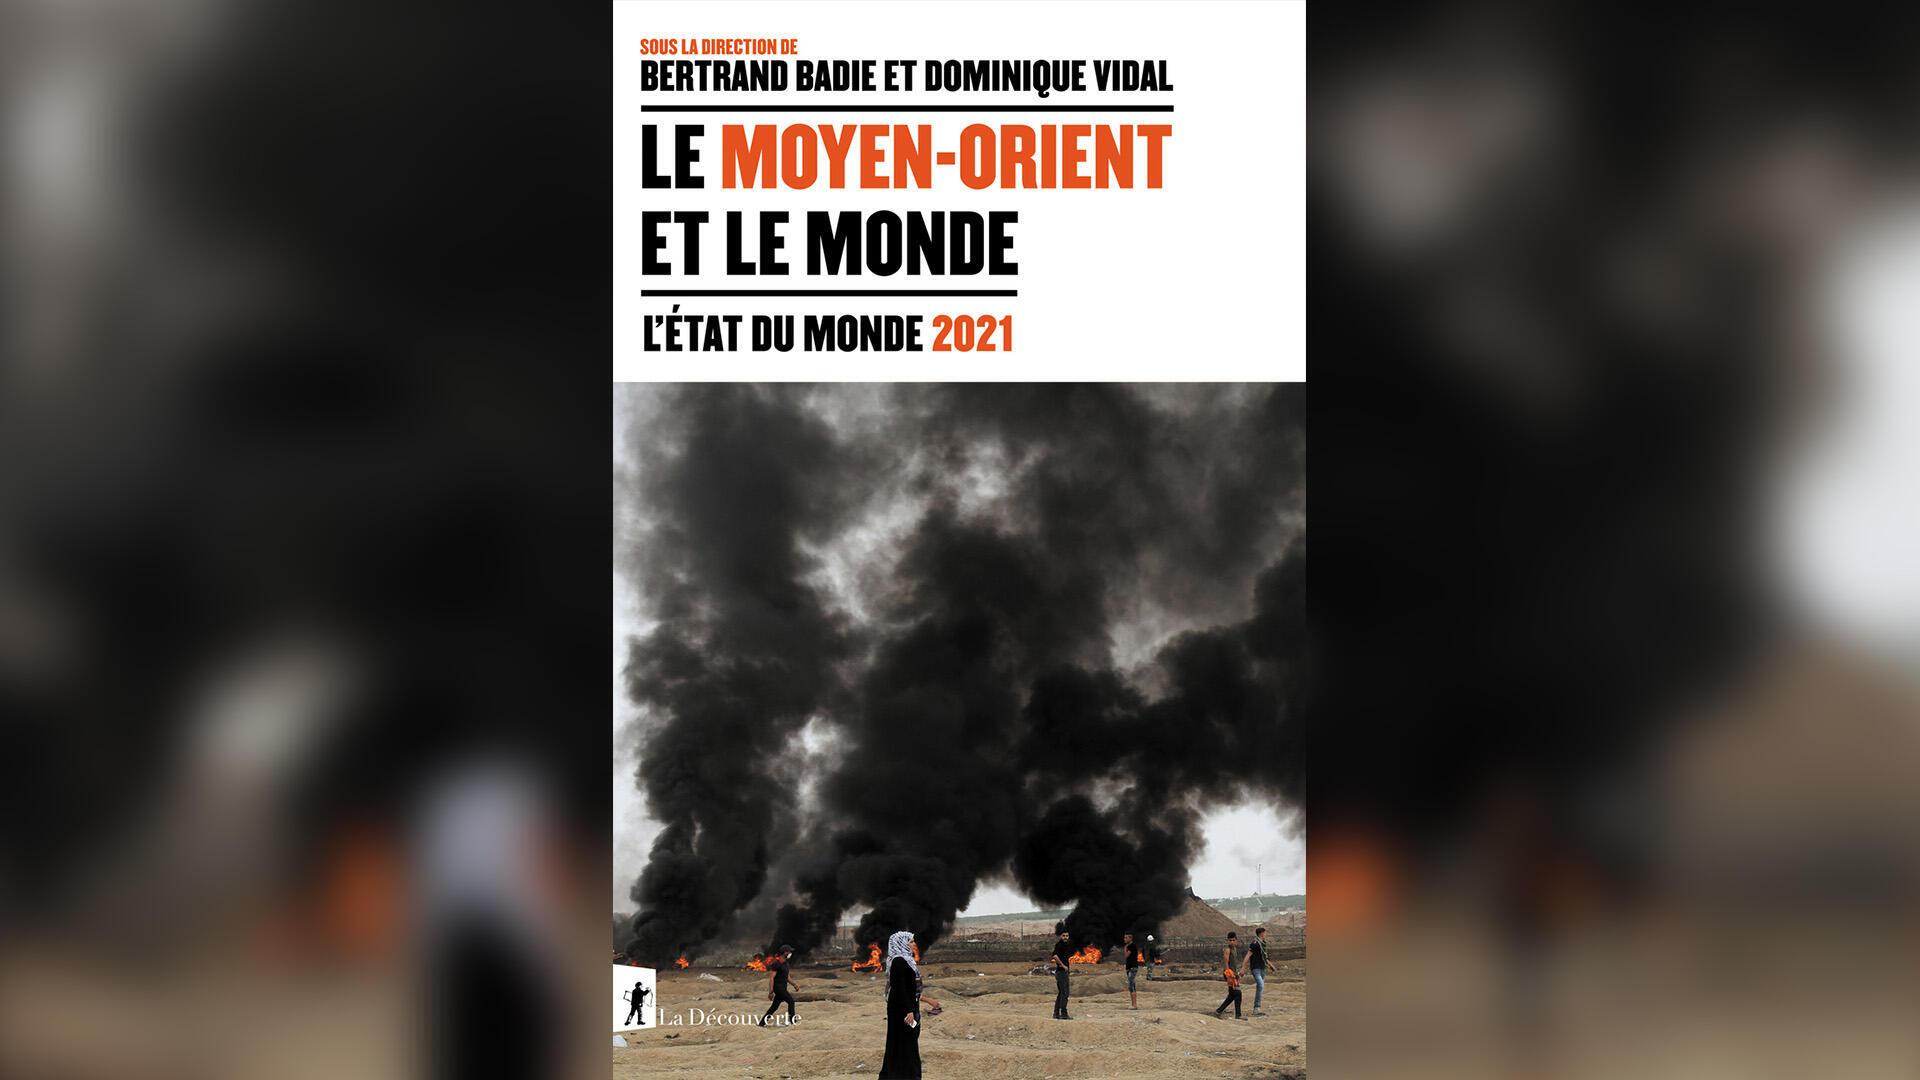 «Le Moyen-Orient et le Monde: l'état du Monde 2021», sous la direction de Bertrand Badie et Dominique Vidal.